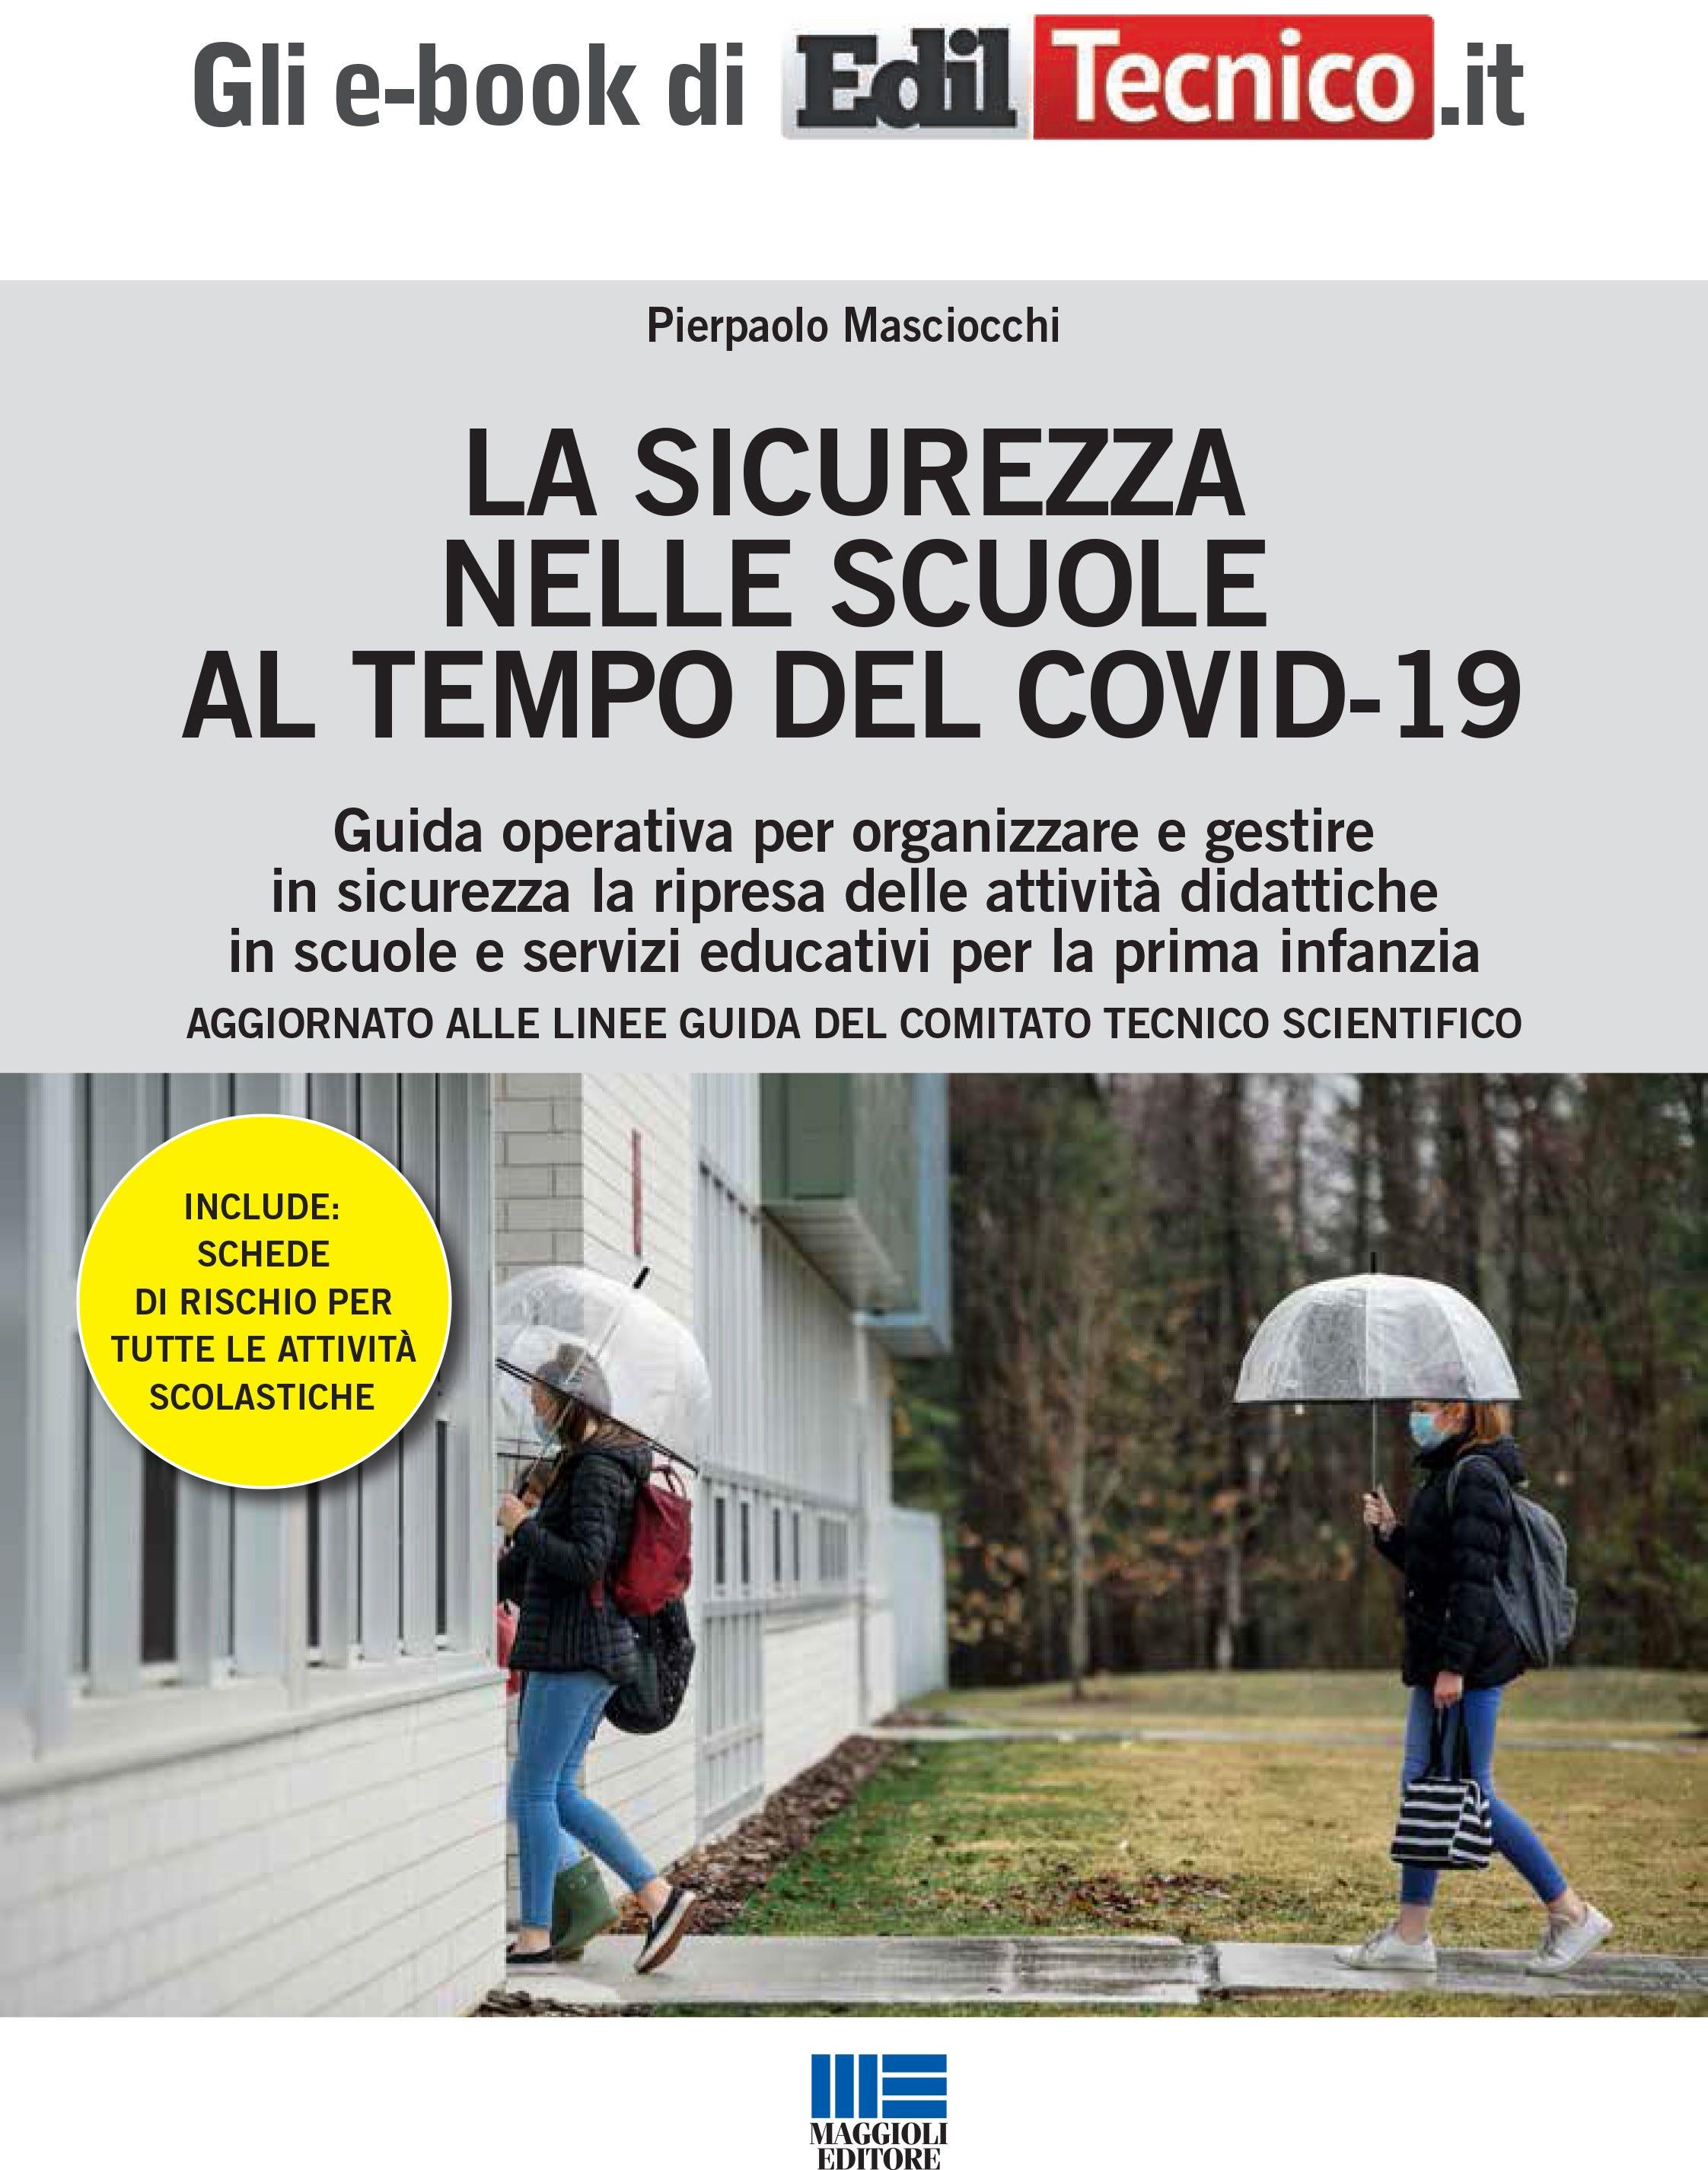 LA SICUREZZA NELLE SCUOLE AL TEMPO DEL COVID-19